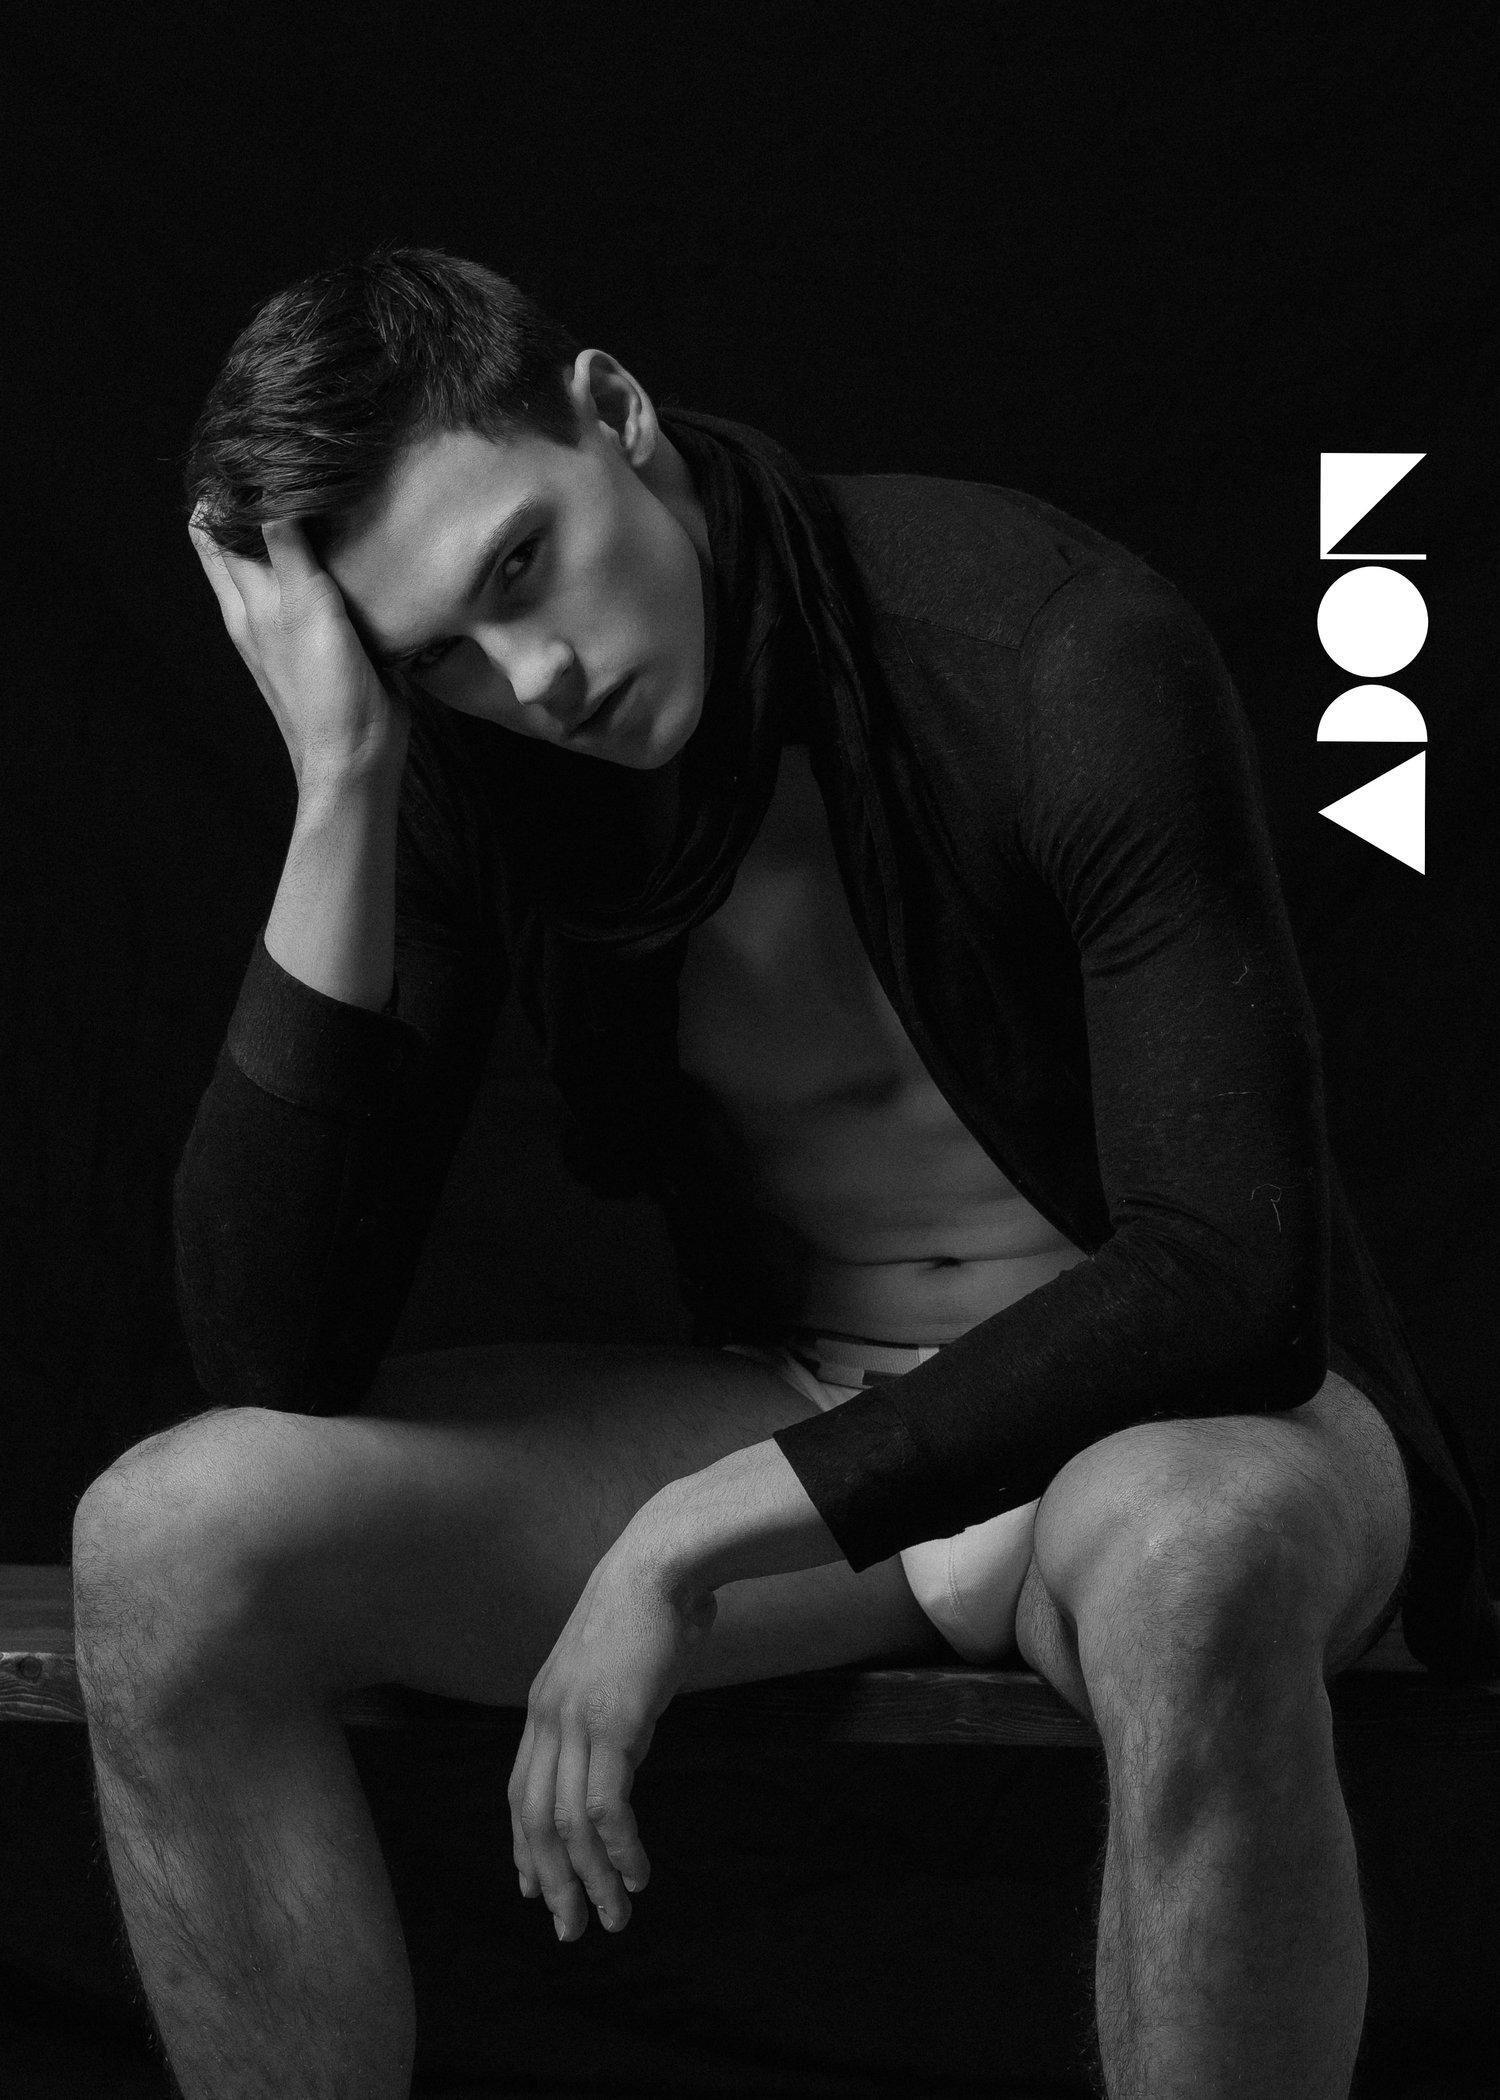 Adon Exclusive: Model Parker Biletsky By Inno Delarmente III